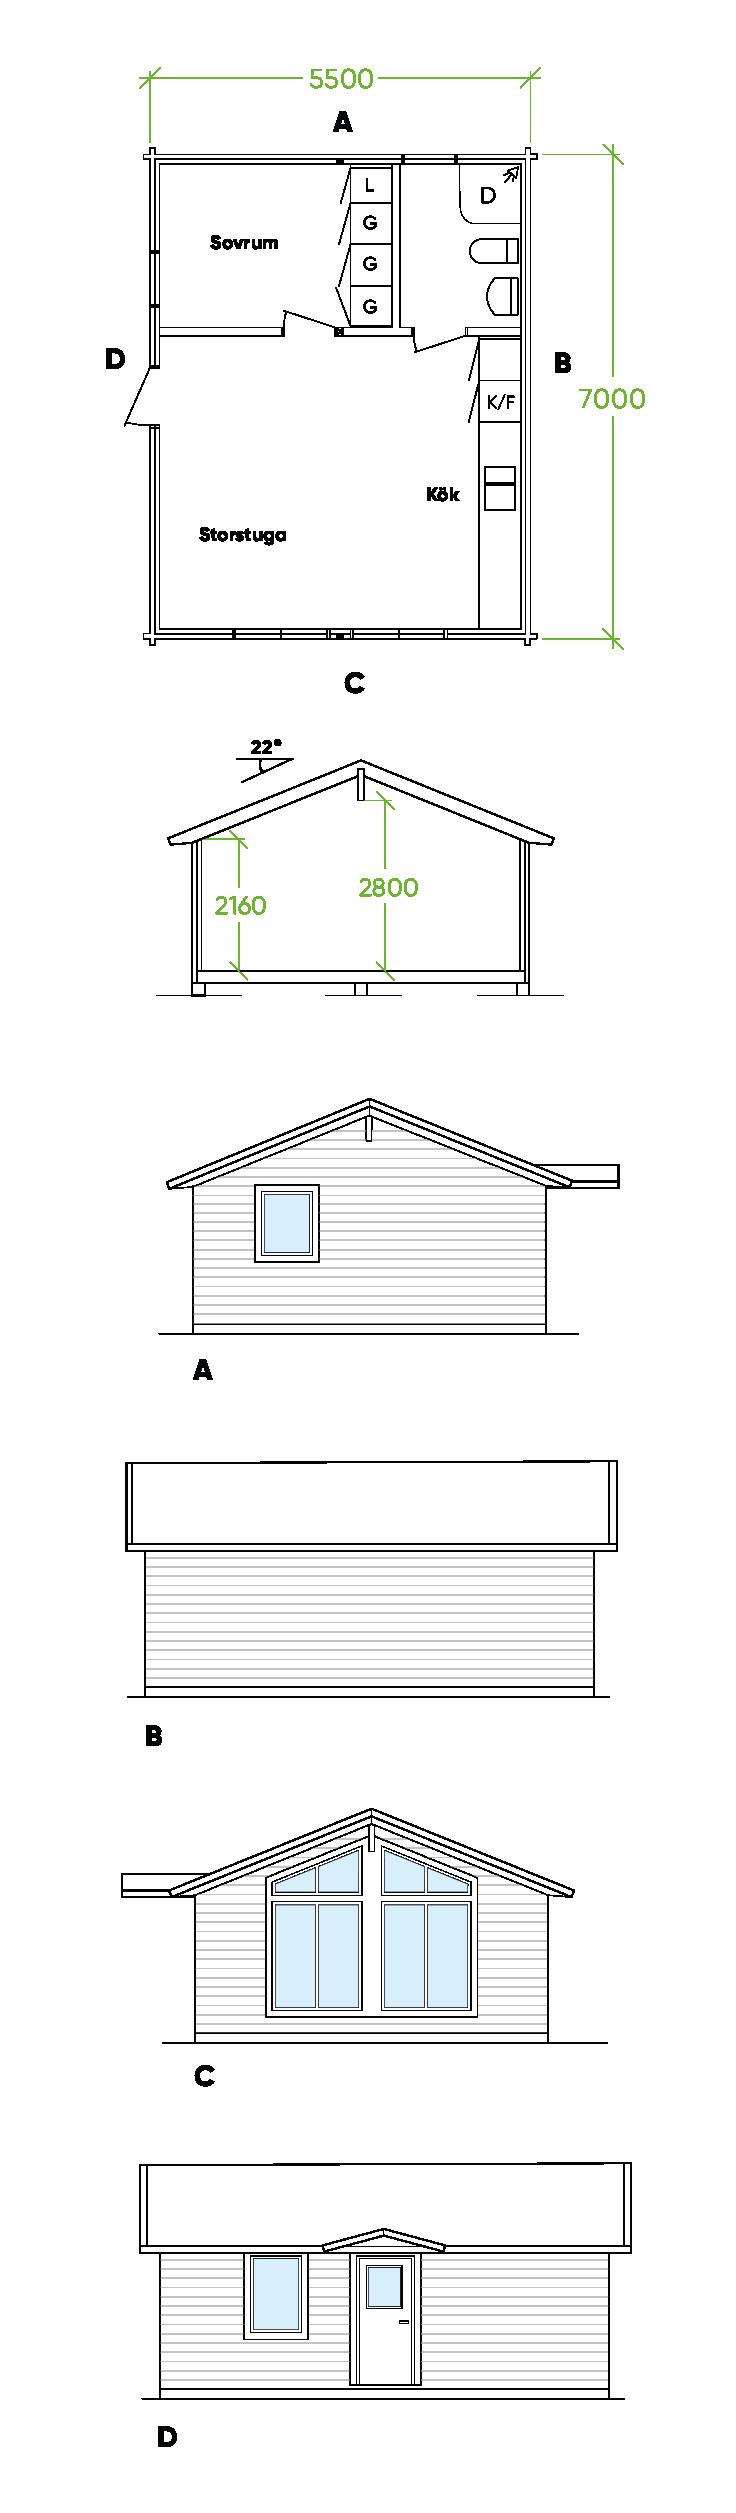 PLANRITNING ljusvattnet Bygg och Trä